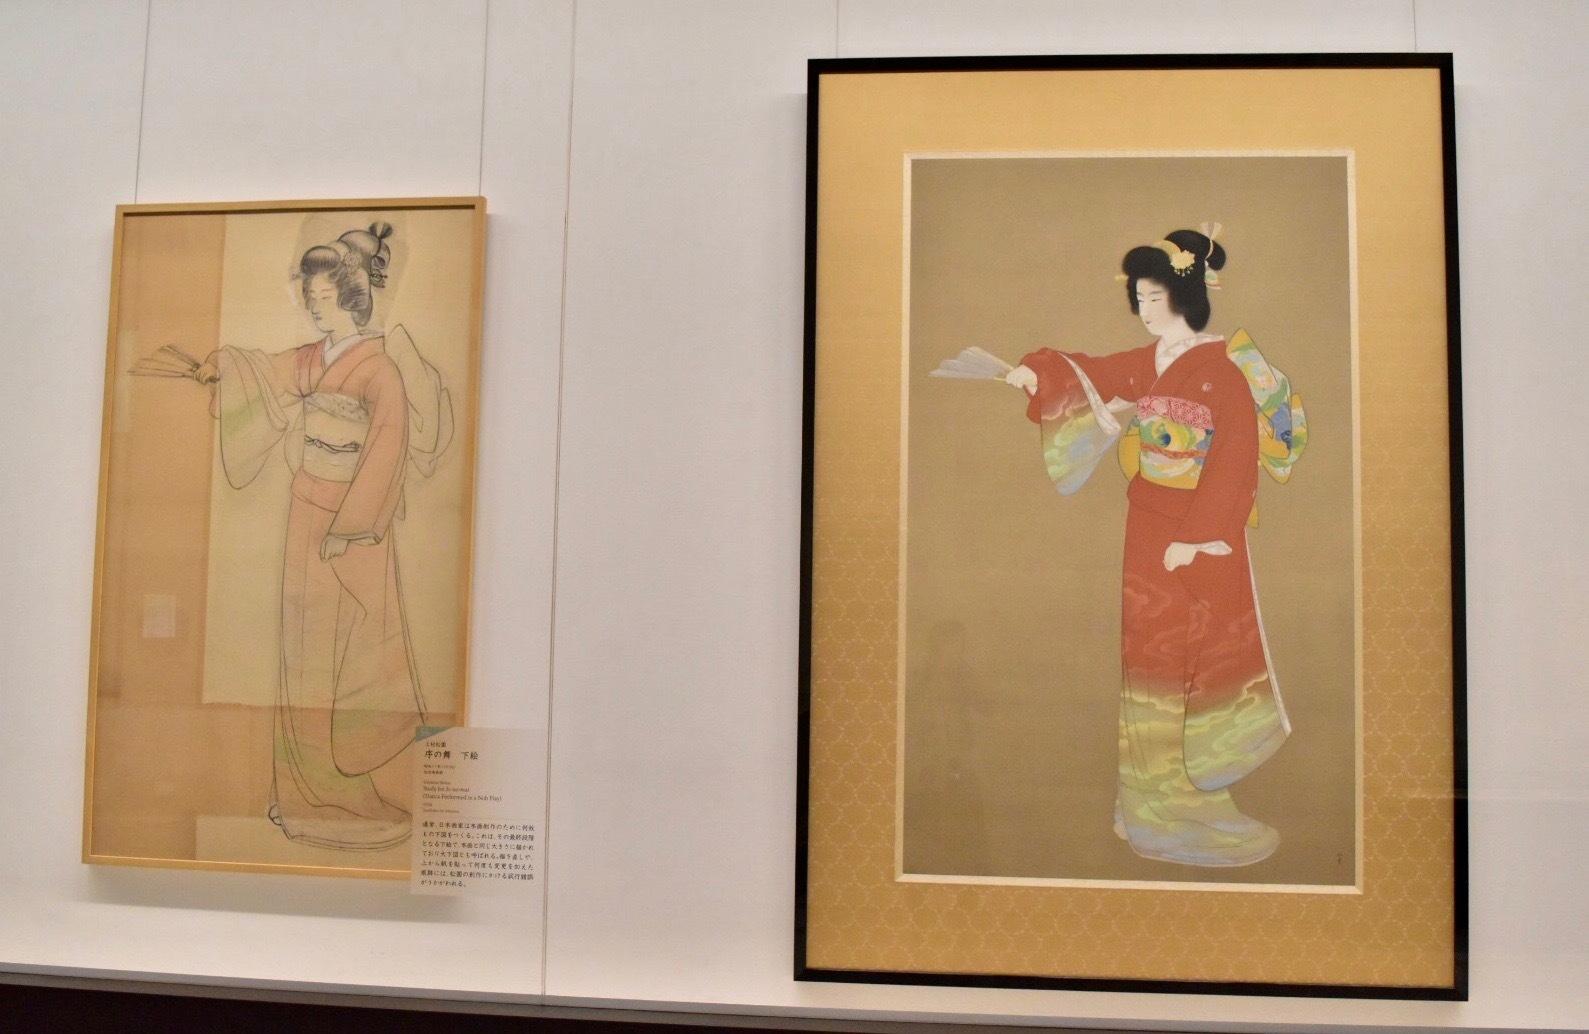 右:上村松園 《序の舞》(重要文化財)昭和11年 東京藝術大学蔵 左:上村松園 《序の舞 下絵》 昭和11年 松伯美術館蔵